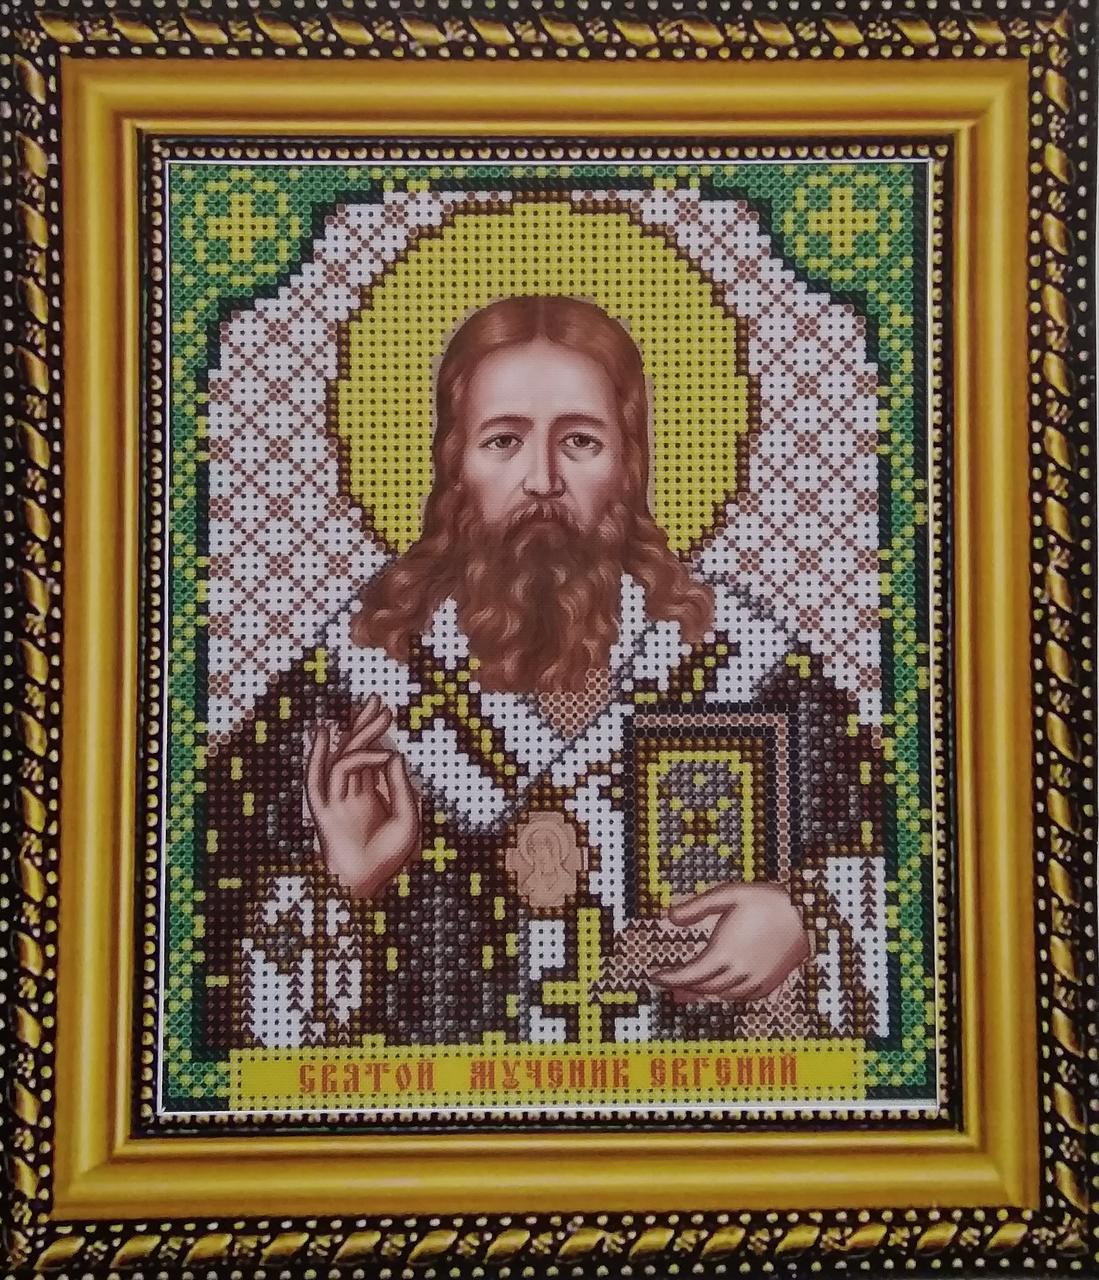 Набор для вышивки бисером ArtWork икона Святой Мученик Евгений VIA 5087